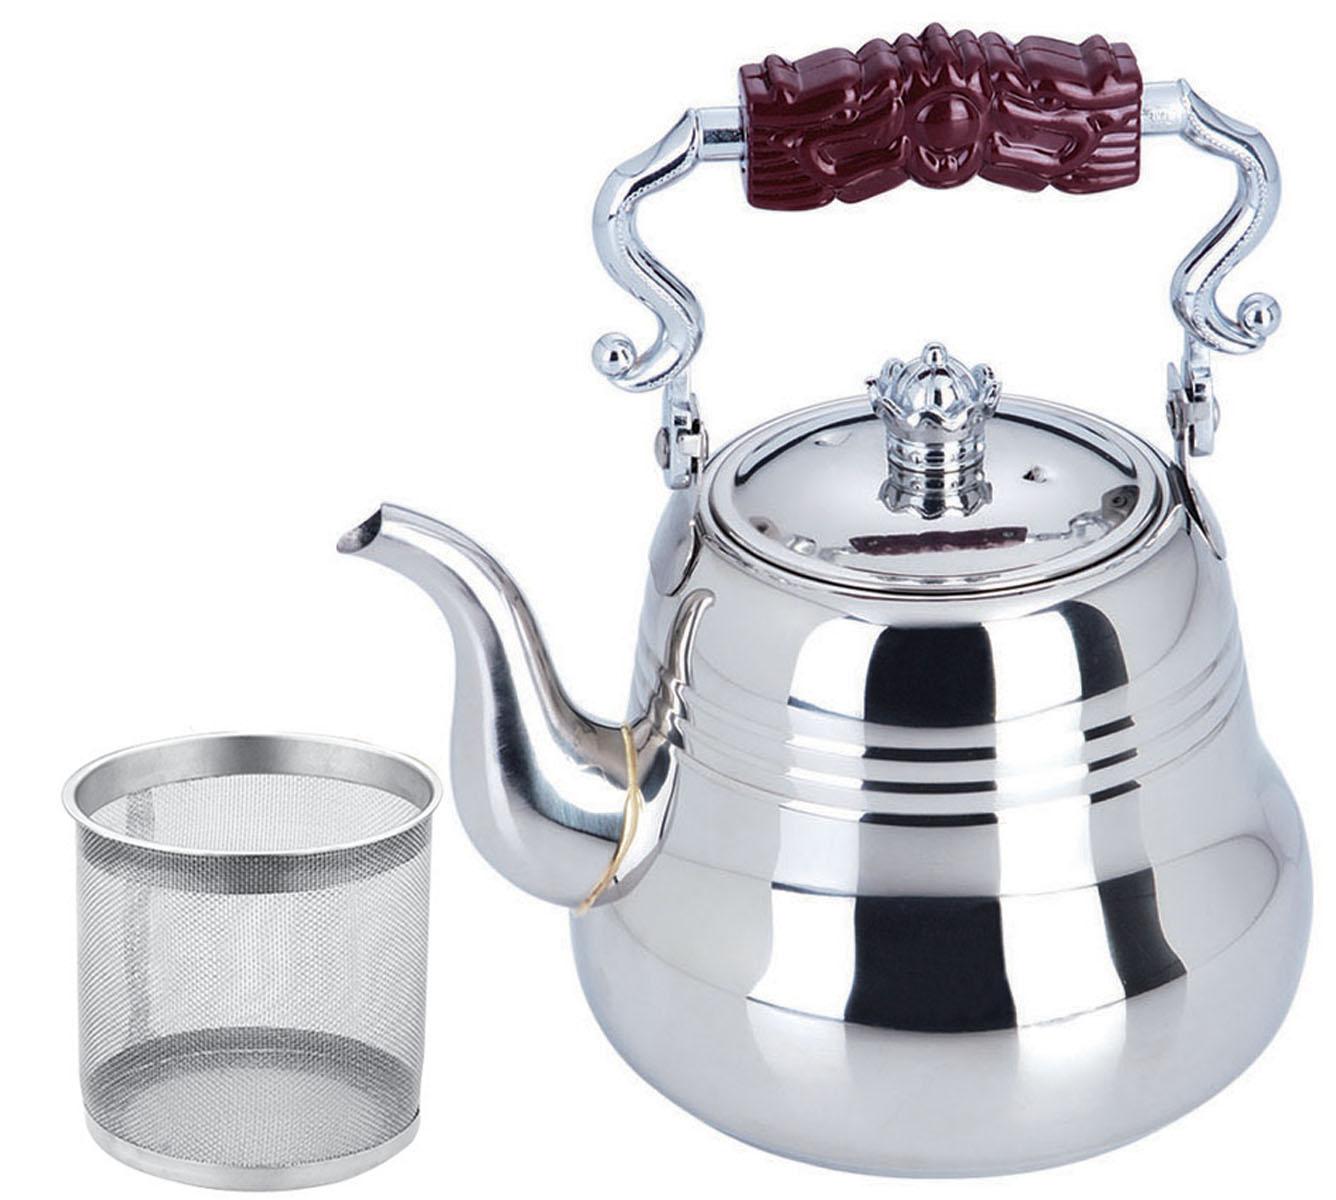 Чайник заварочный Bekker, с ситечком, 1,5 л391602Чайник Bekker выполнен из высококачественной нержавеющей стали, что обеспечивает долговечность использования. Внешнее зеркальное покрытие придает приятный внешний вид. Бакелитовая ручка делает использование чайника очень удобным и безопасным. Чайник снабжен ситечком для заваривания. Можно мыть в посудомоечной машине. Пригоден для всех видов плит, включая индукционные. Высота чайника (без учета крышки и ручки): 10,5 см.Диаметр основания: 11,7 см. Толщина стенки: 0,4 мм.Толщина дна: 1 мм.Высота ситечка: 6 см.